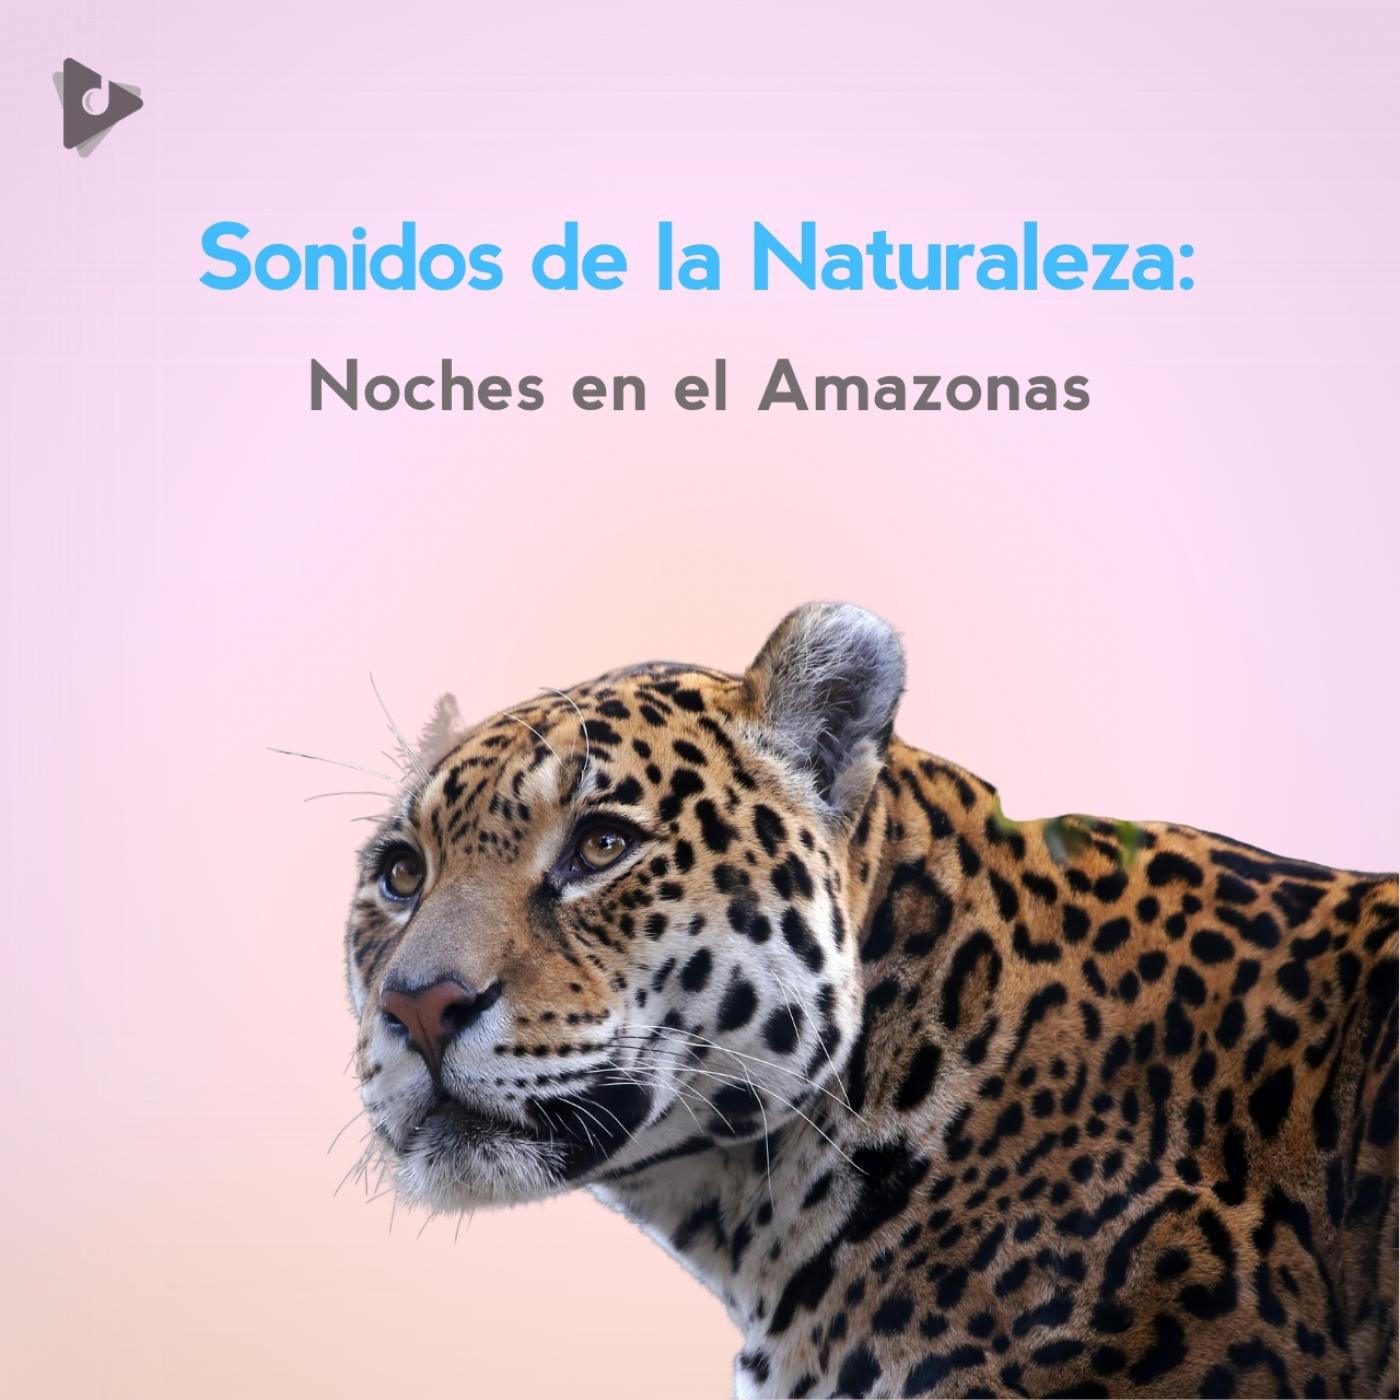 Sonidos de la Naturaleza: Noches en el Amazonas